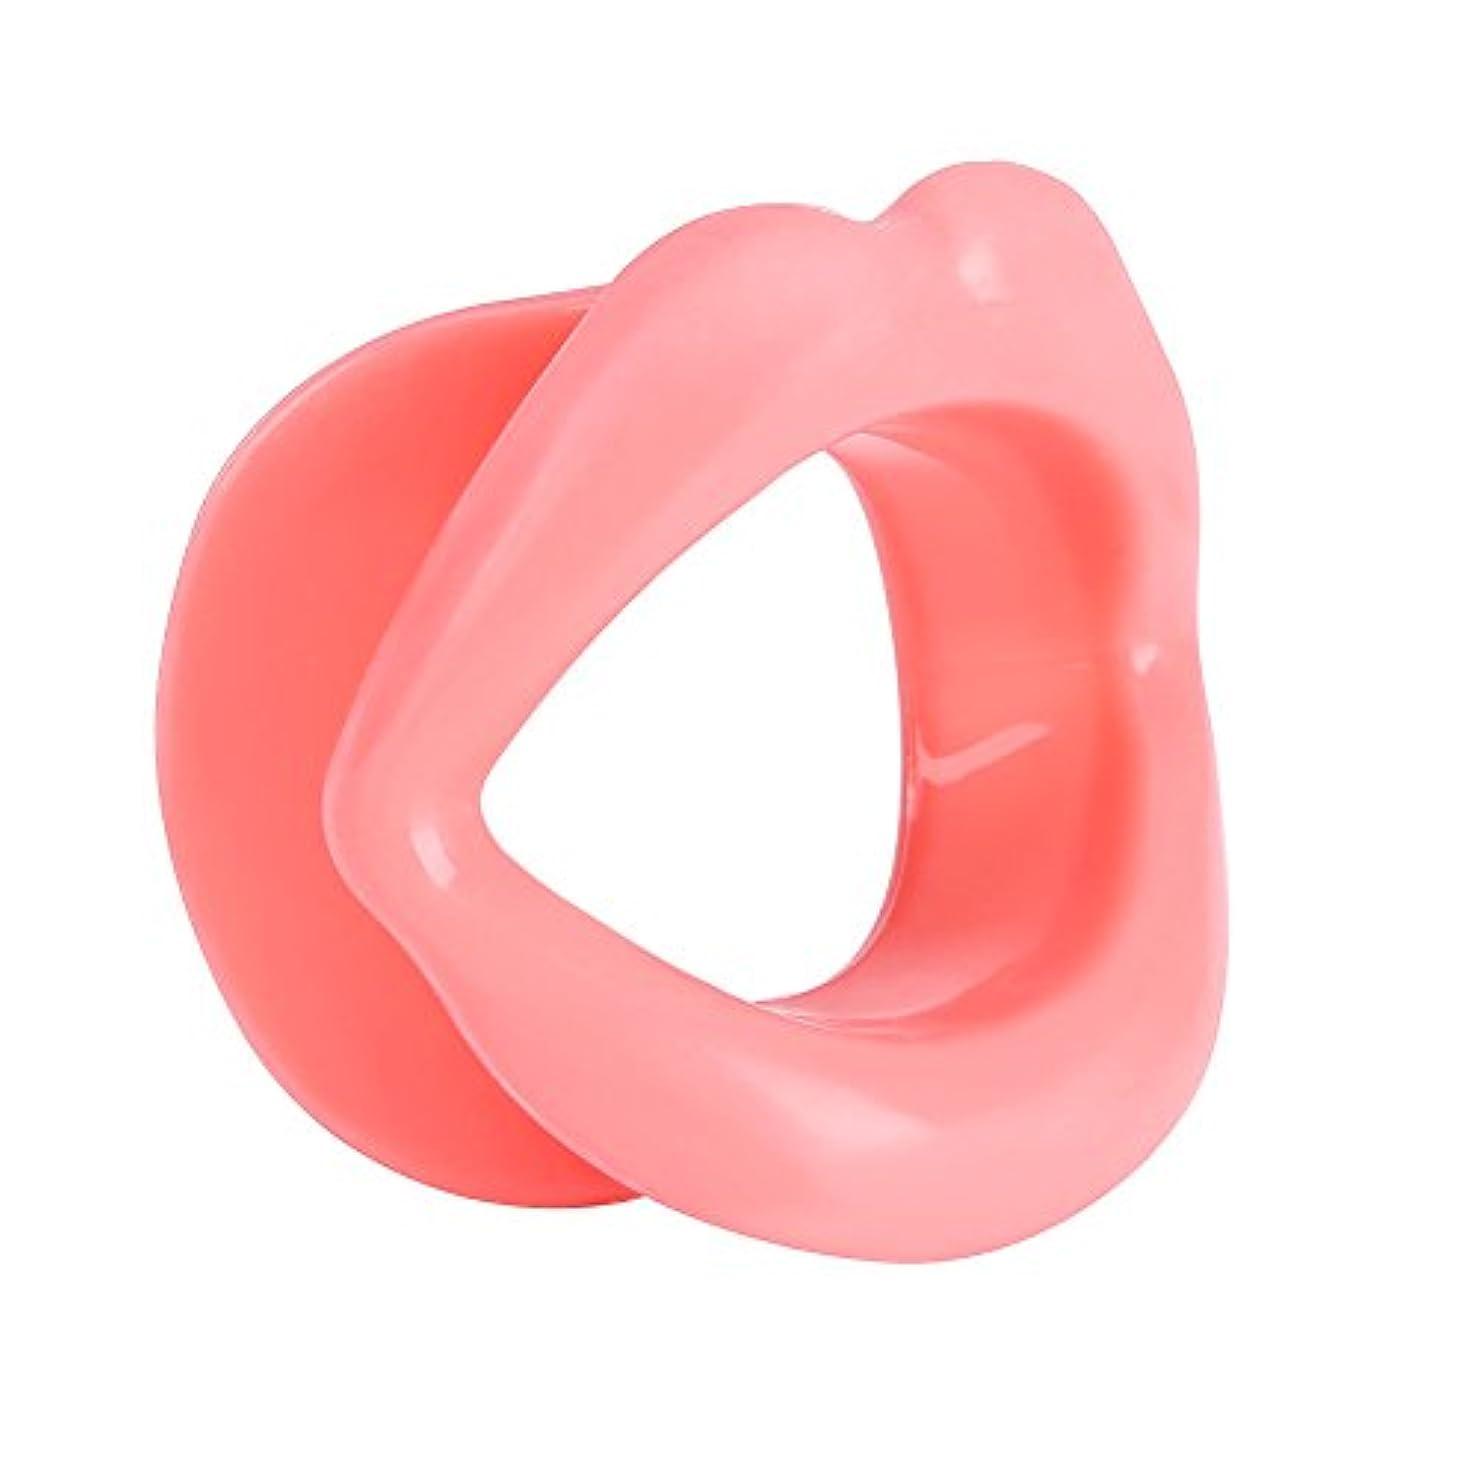 ブランデーゆるい手リップトレーナー、シリコンフェイスリフティングエクササイズマウスの筋肉の締め具、しわ防止ツール